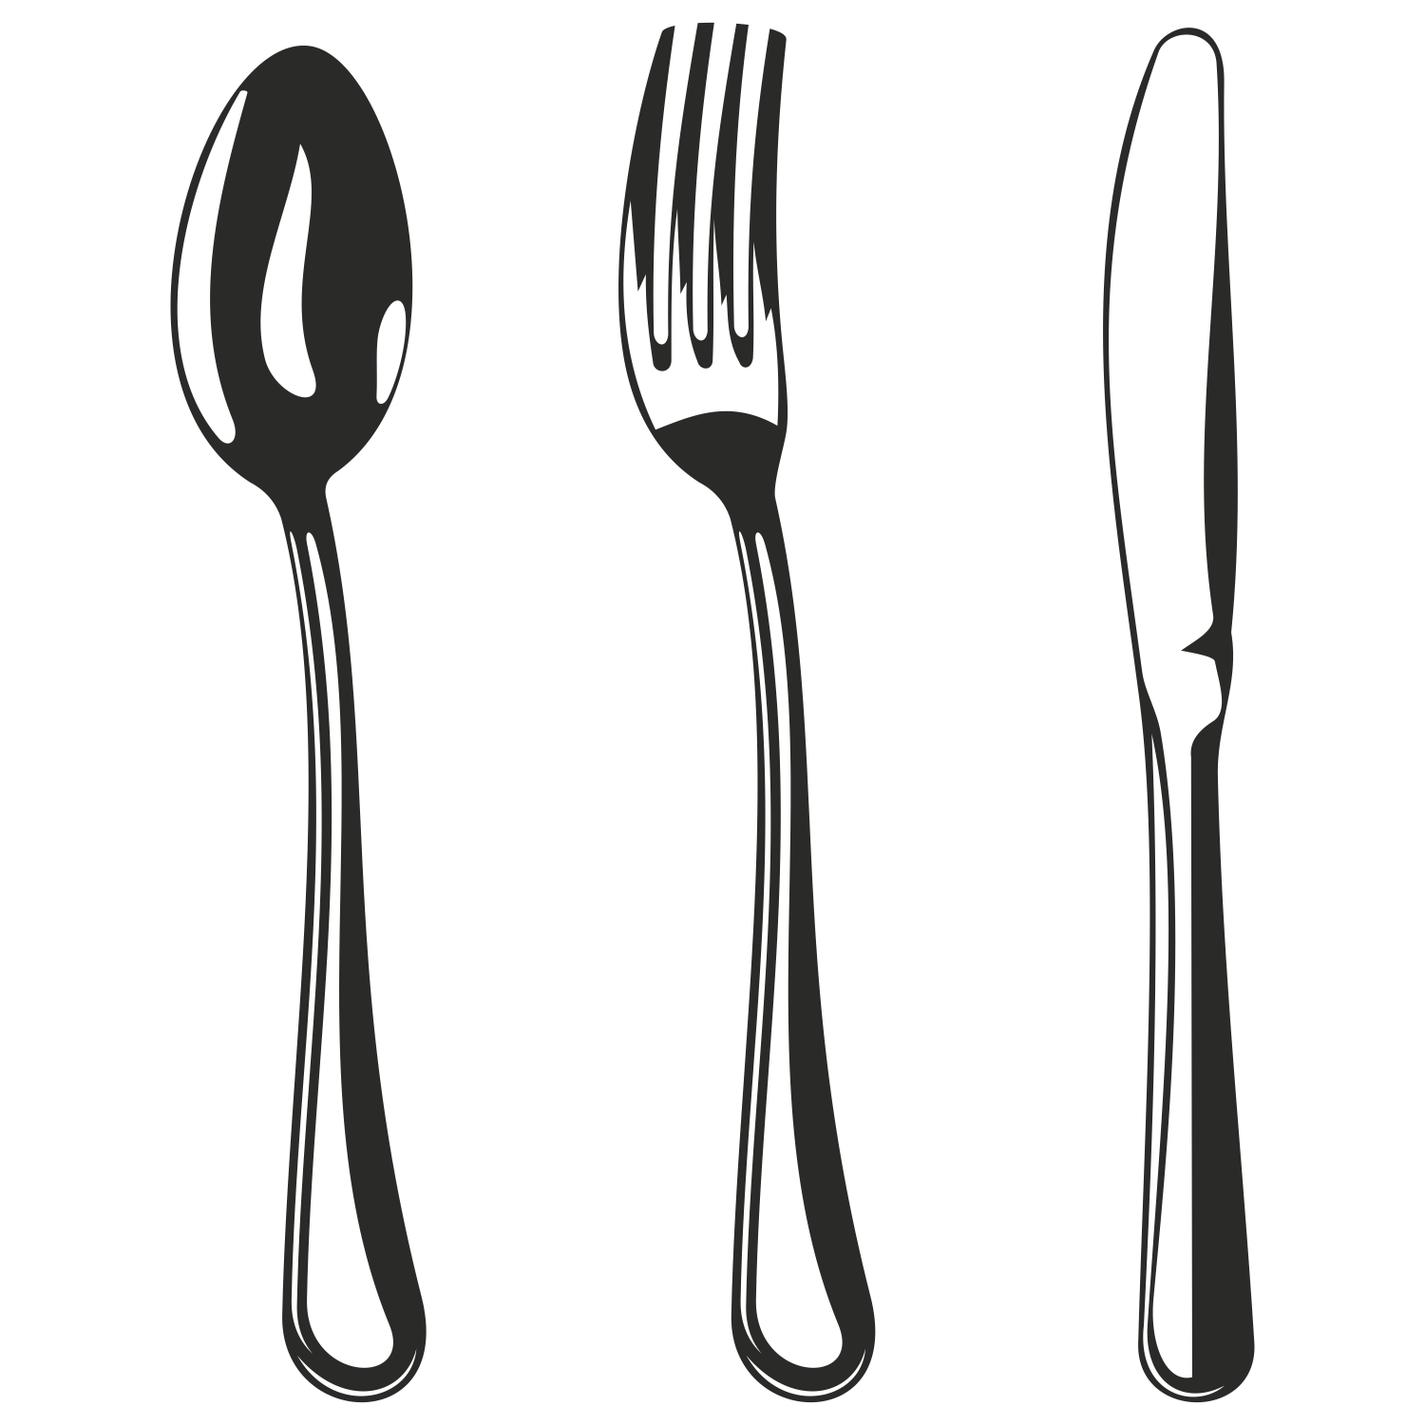 Khife clipart spoon Fork Database knife  Forks